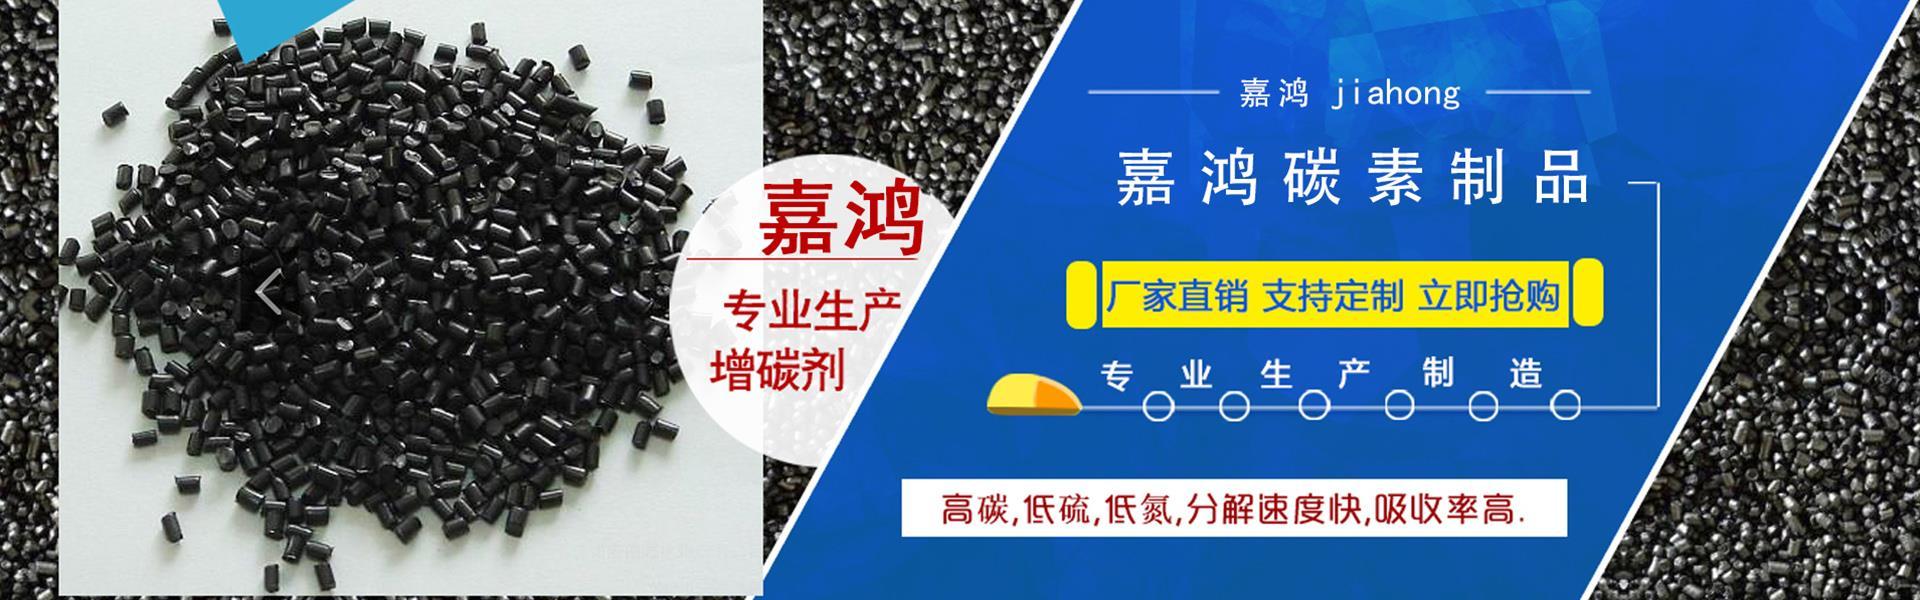 石墨化(hua)增碳劑